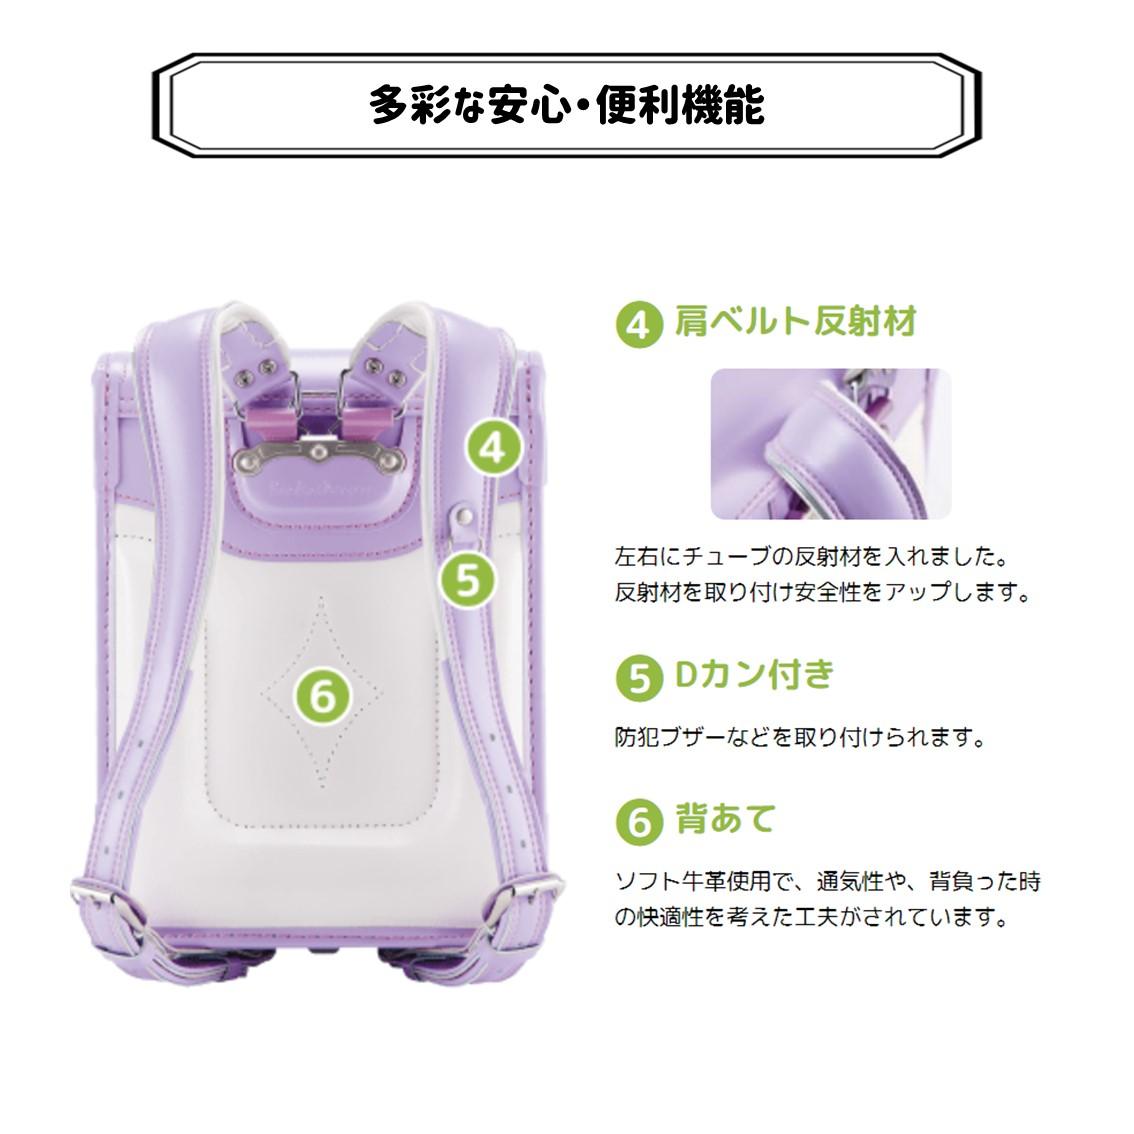 バンビーニ プリンセス コードバン 赤/ピンク